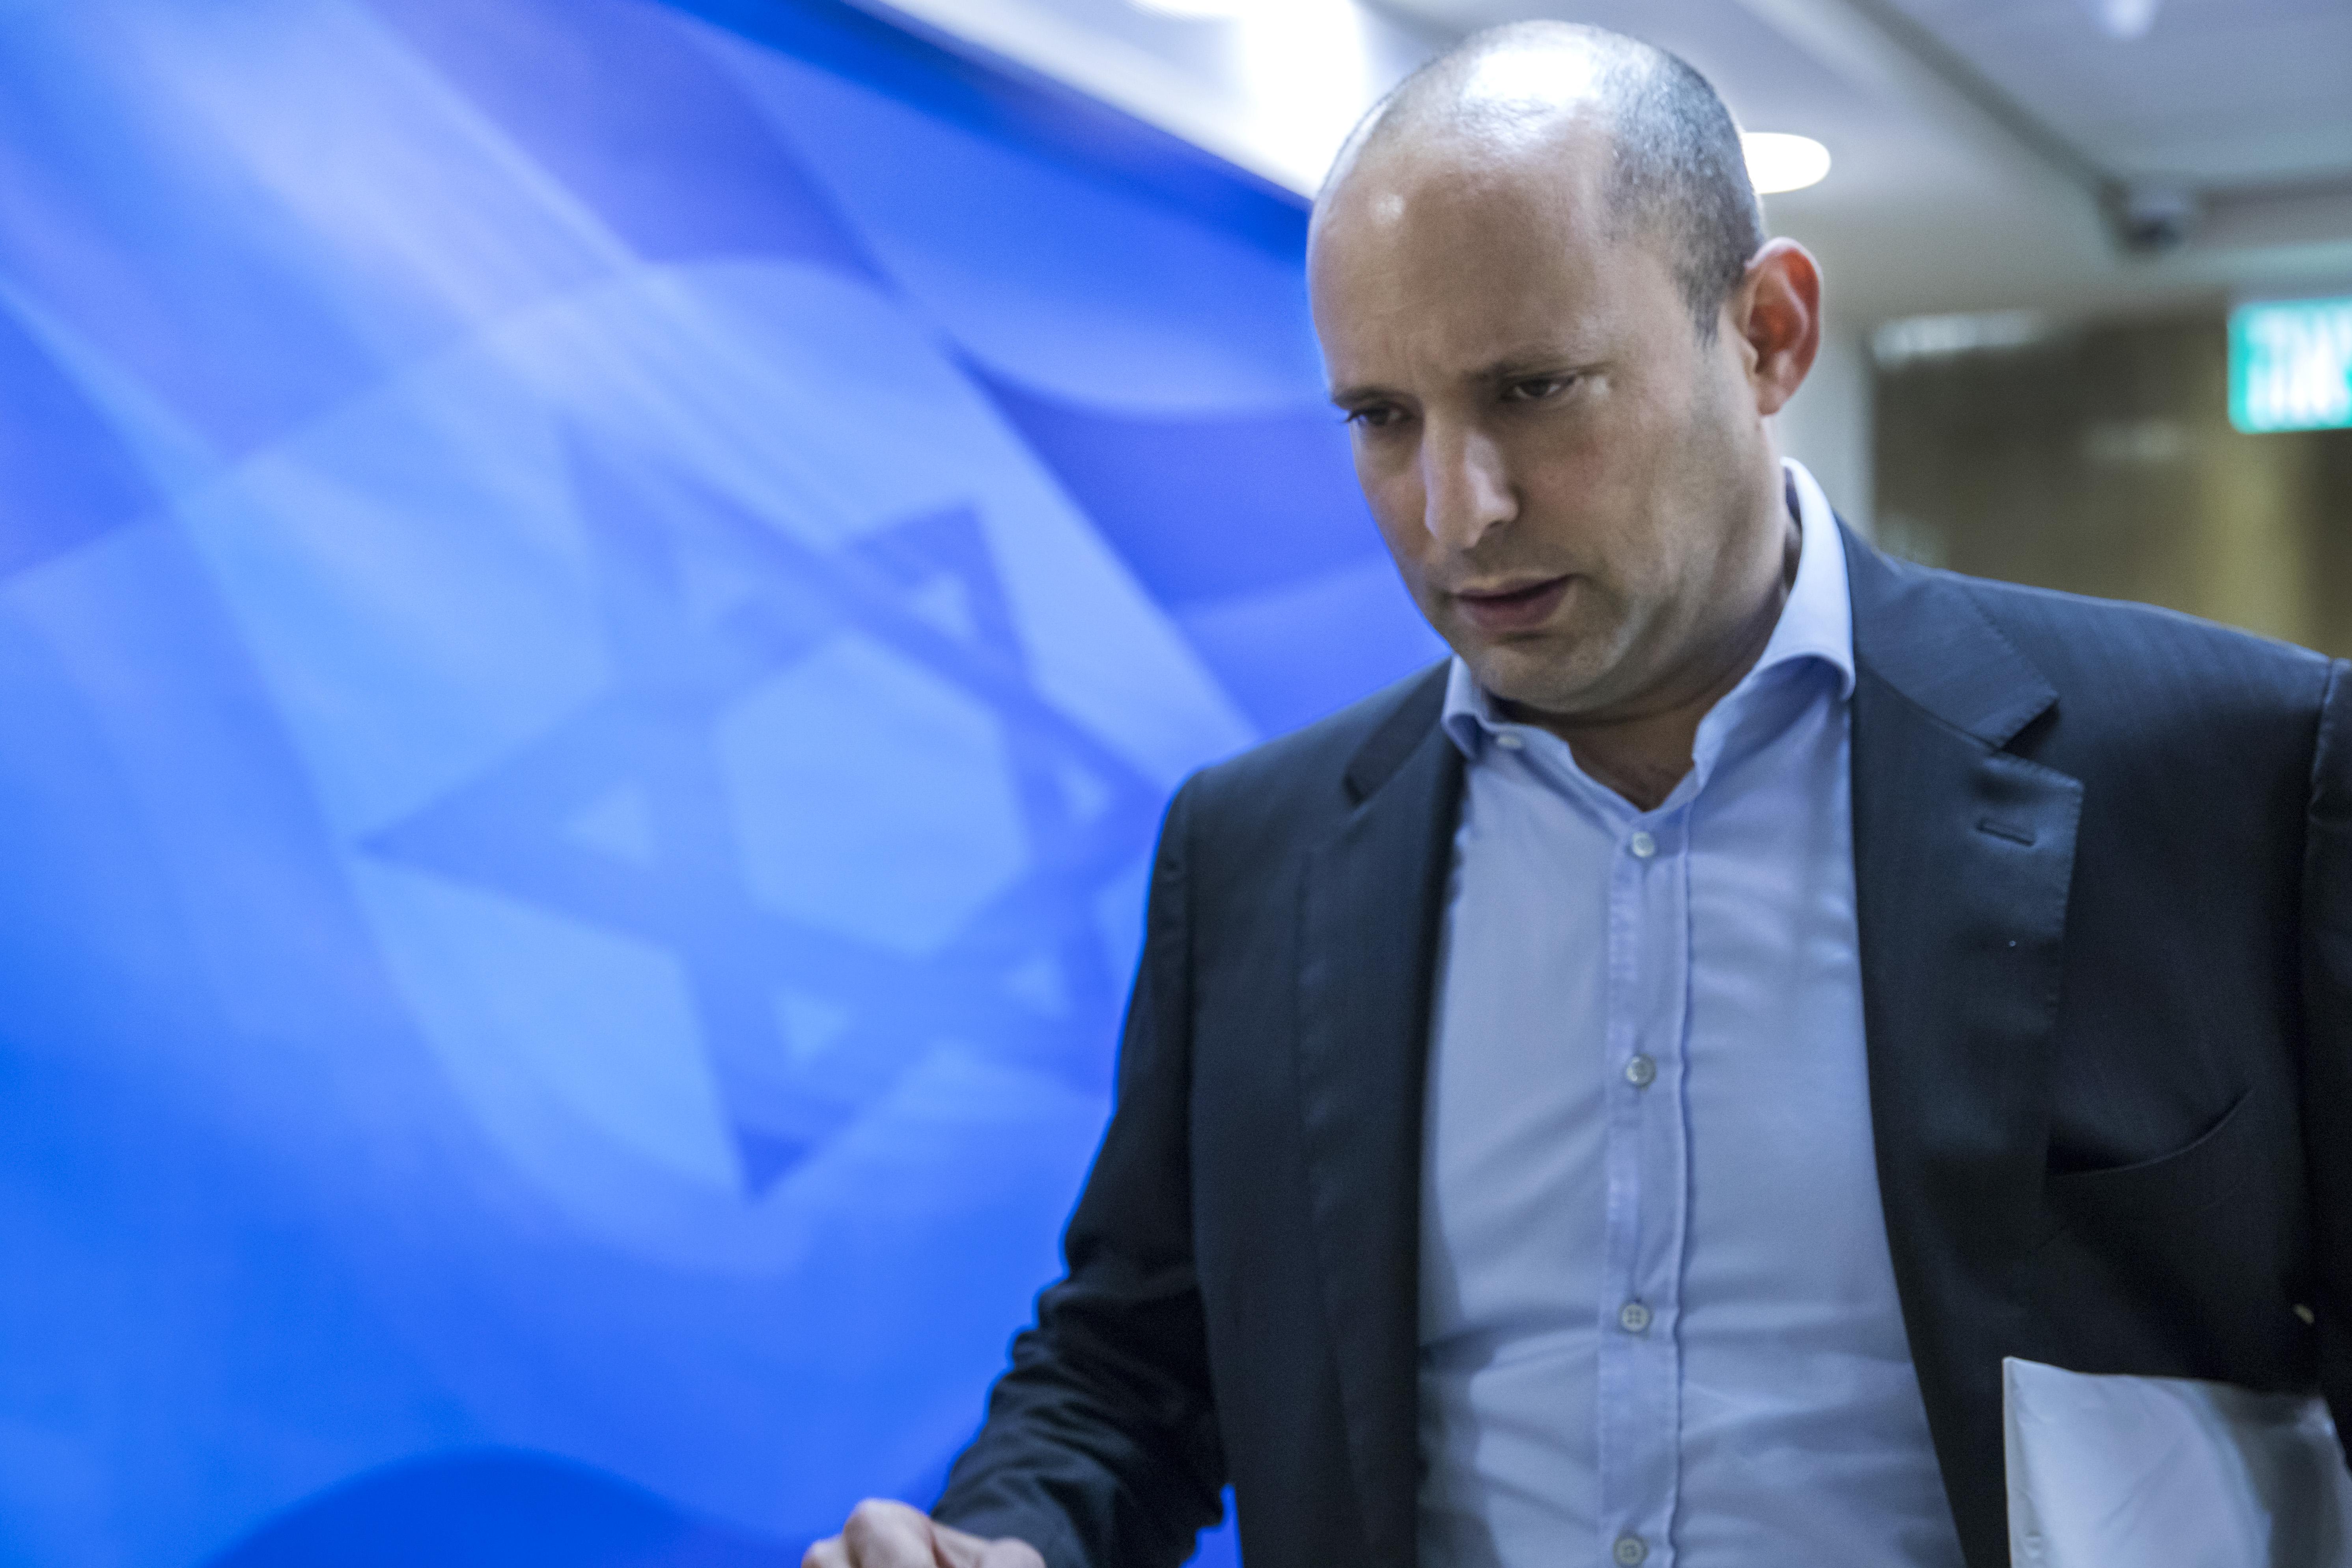 Az izraeli miniszterelnök szerint lényegesen gyengébb a Pfizer a delta variánssal szemben